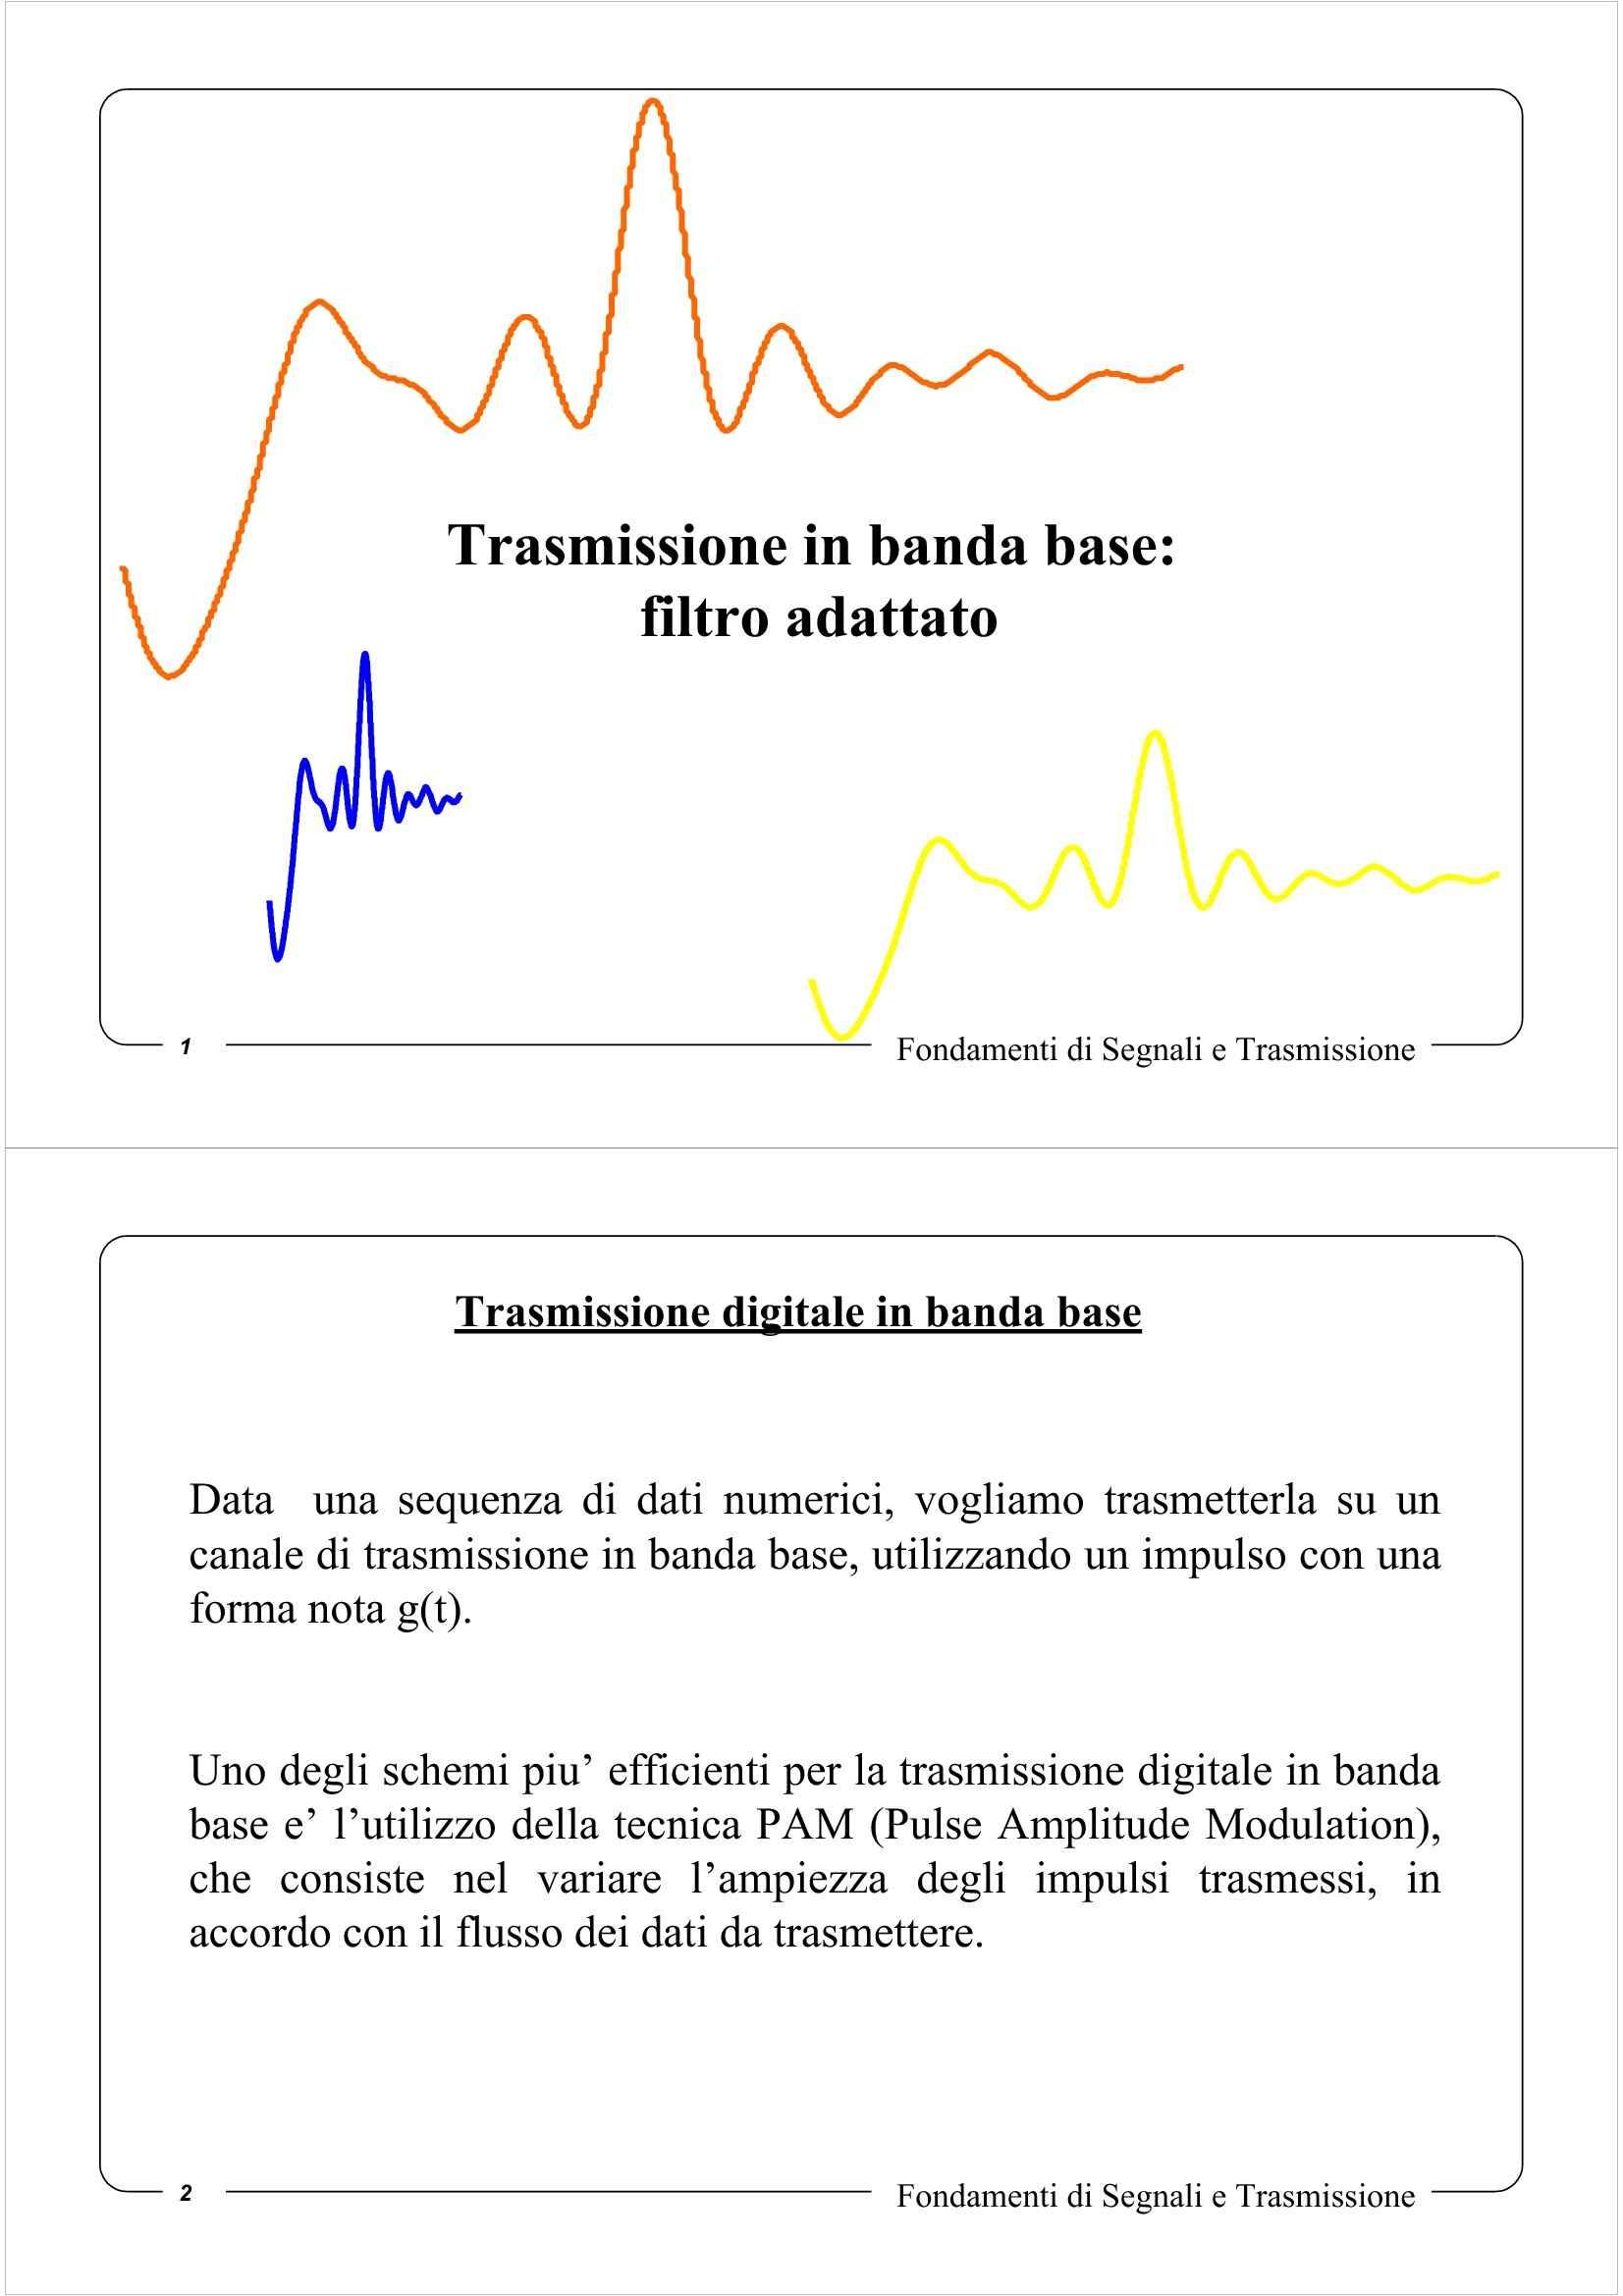 Trasmissione in banda base - Filtro adattato